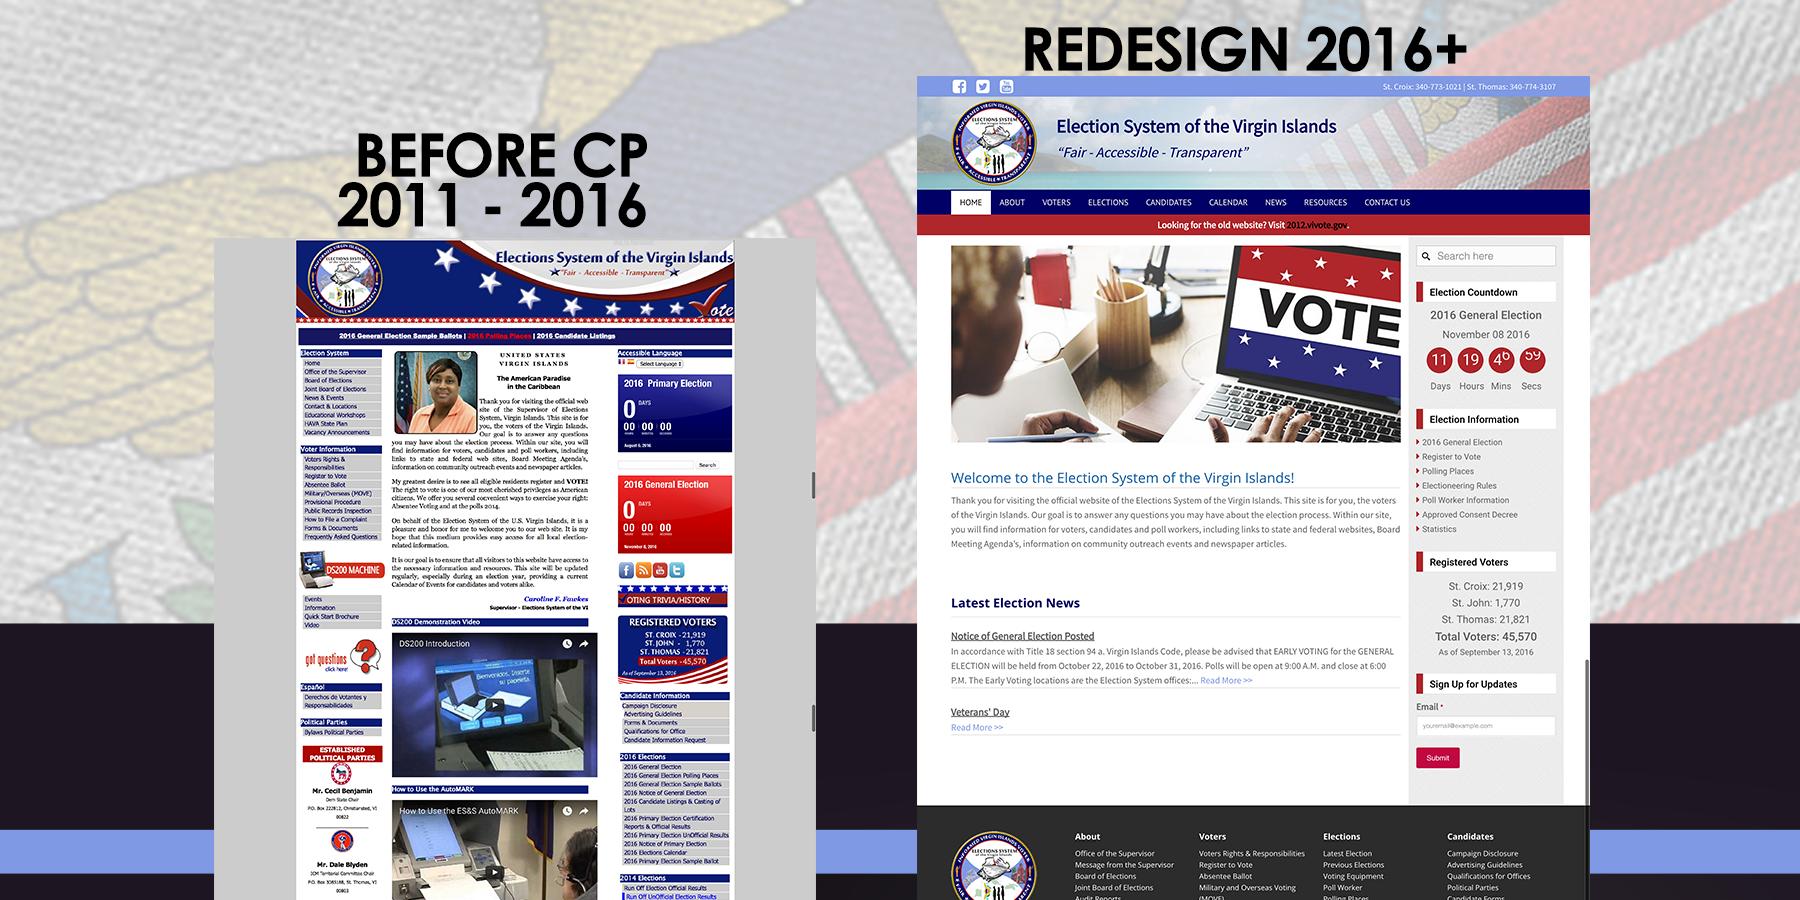 VI Election System Website Redesign